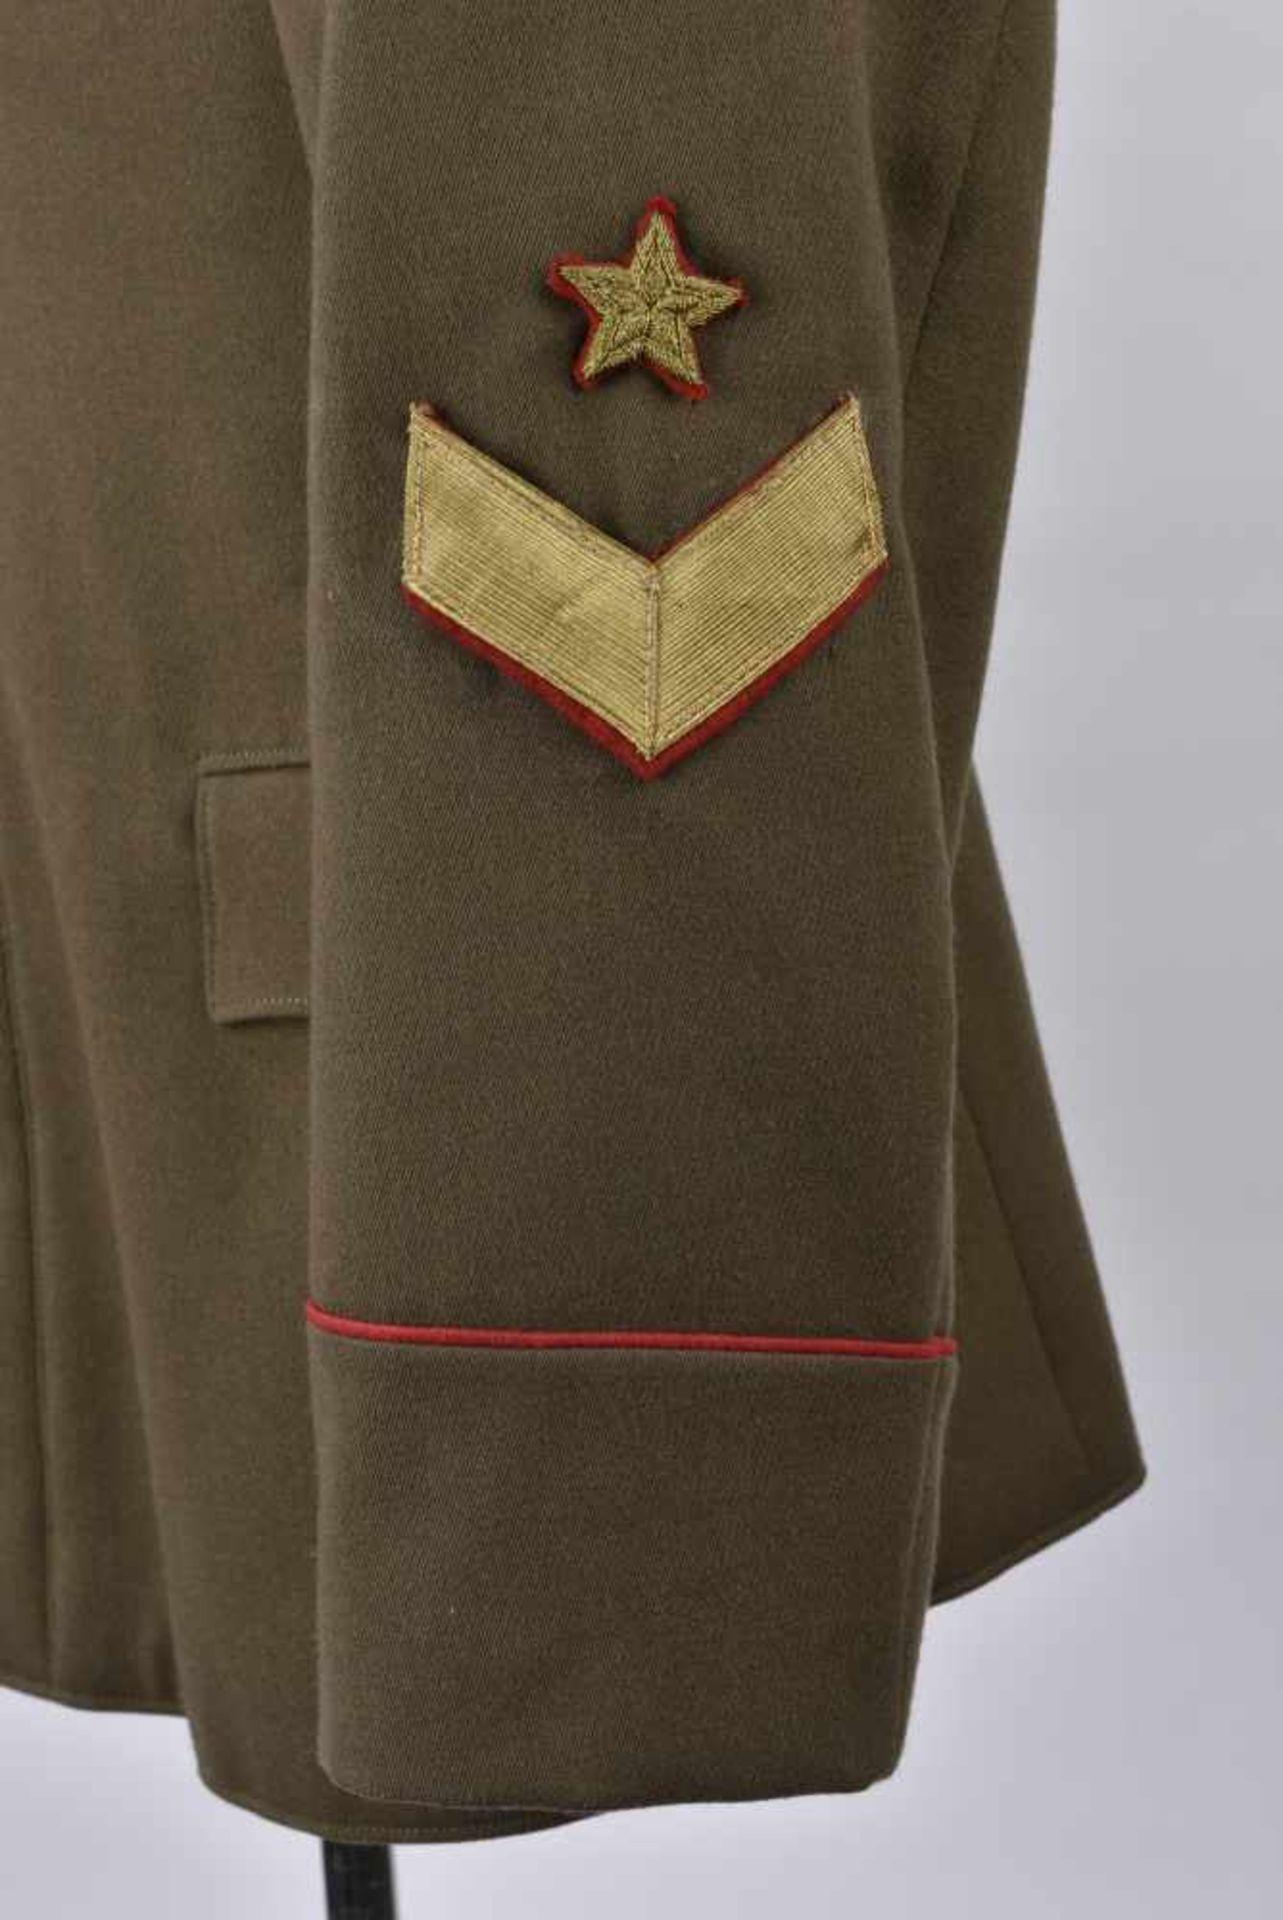 Vareuse de général modèle 1935/40 Pattes de col de major général. Cette pièce provient de la - Bild 2 aus 4